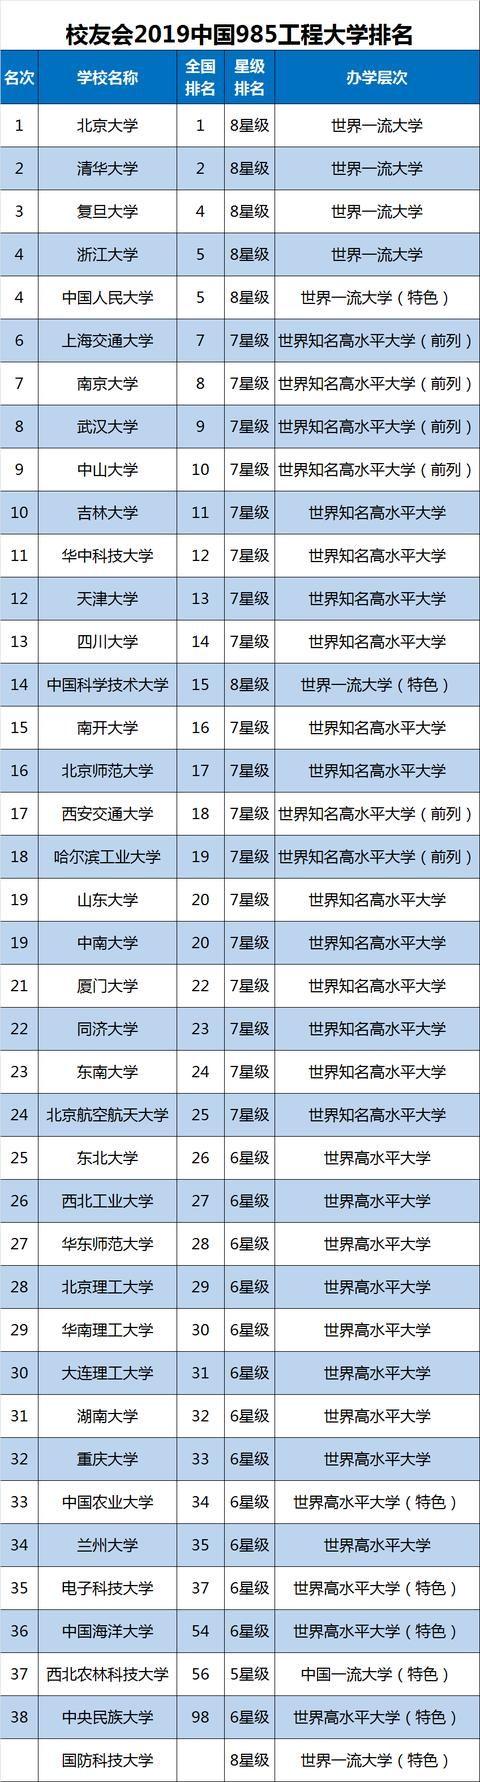 2019师范大学排行榜_专题2019云南师大附中高三月考试题及答案解析完整